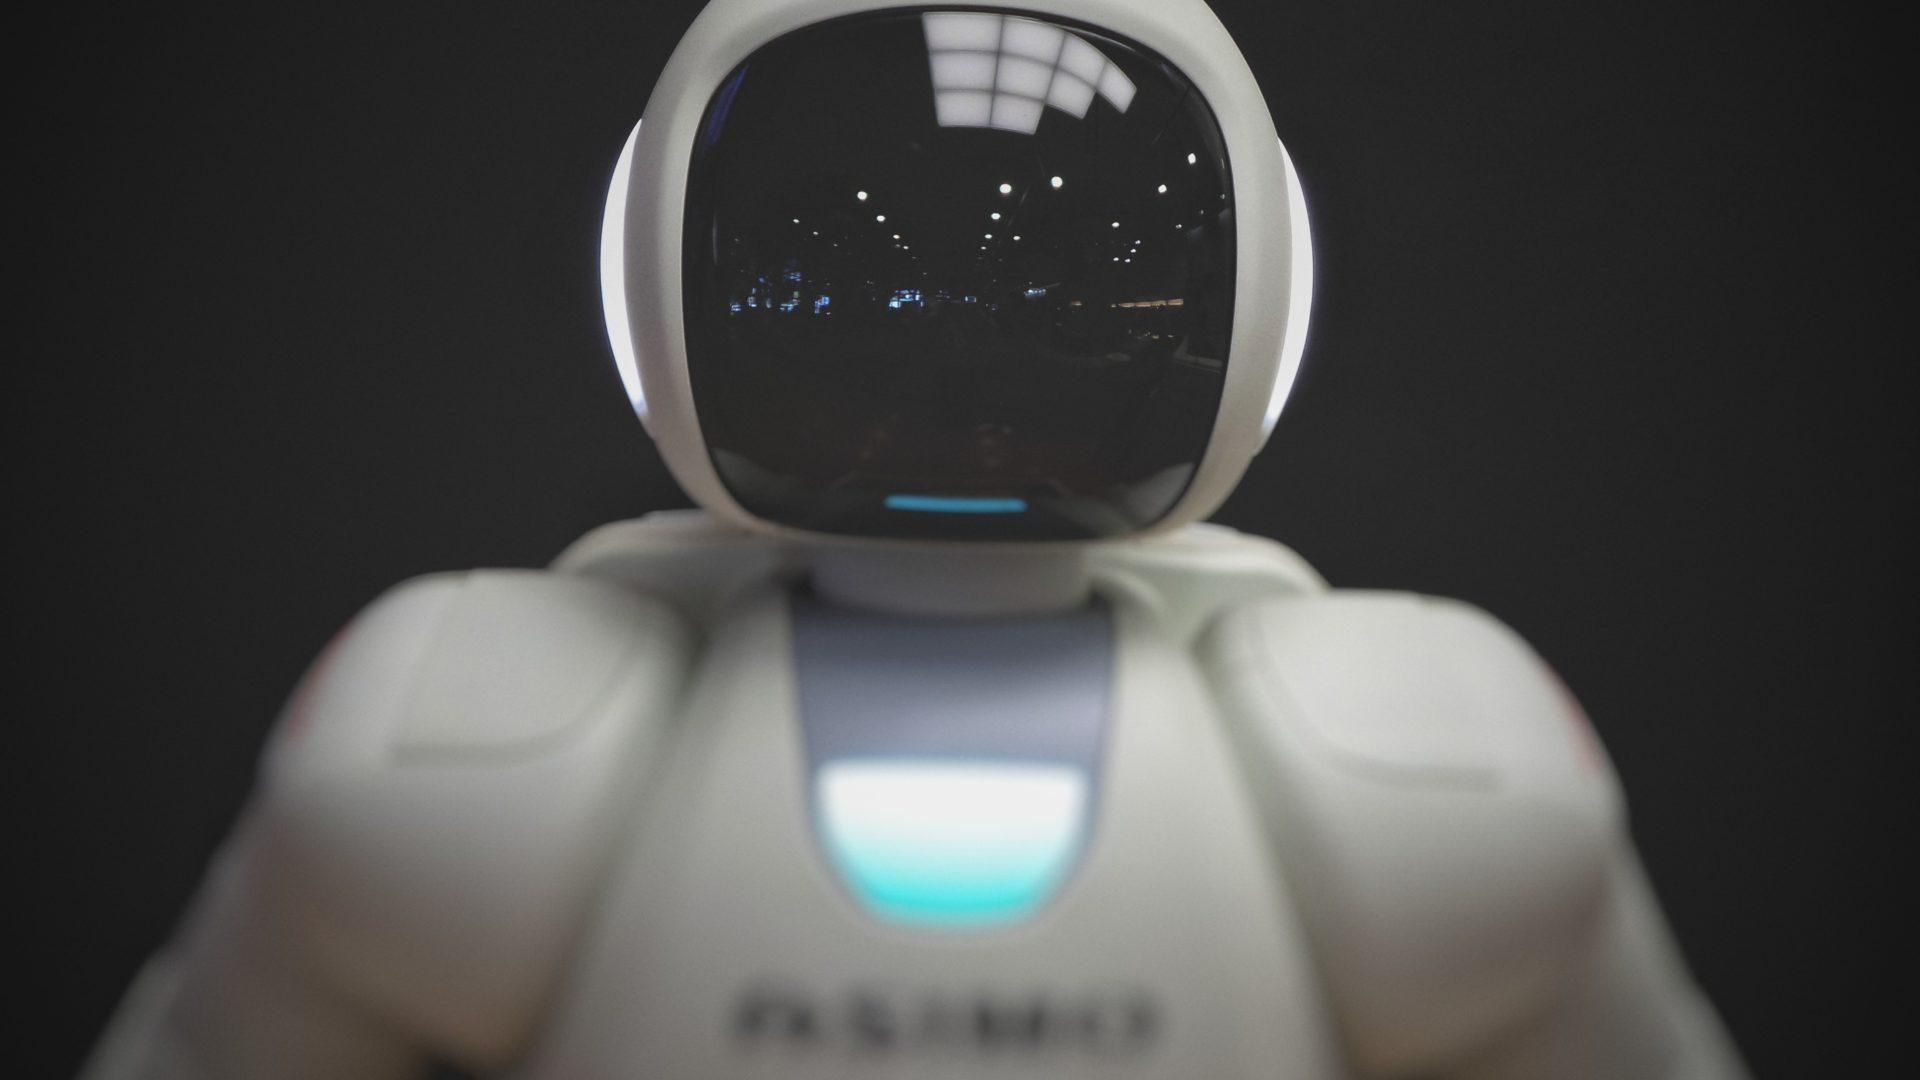 Närbild på vit robot framför svart bakgrund